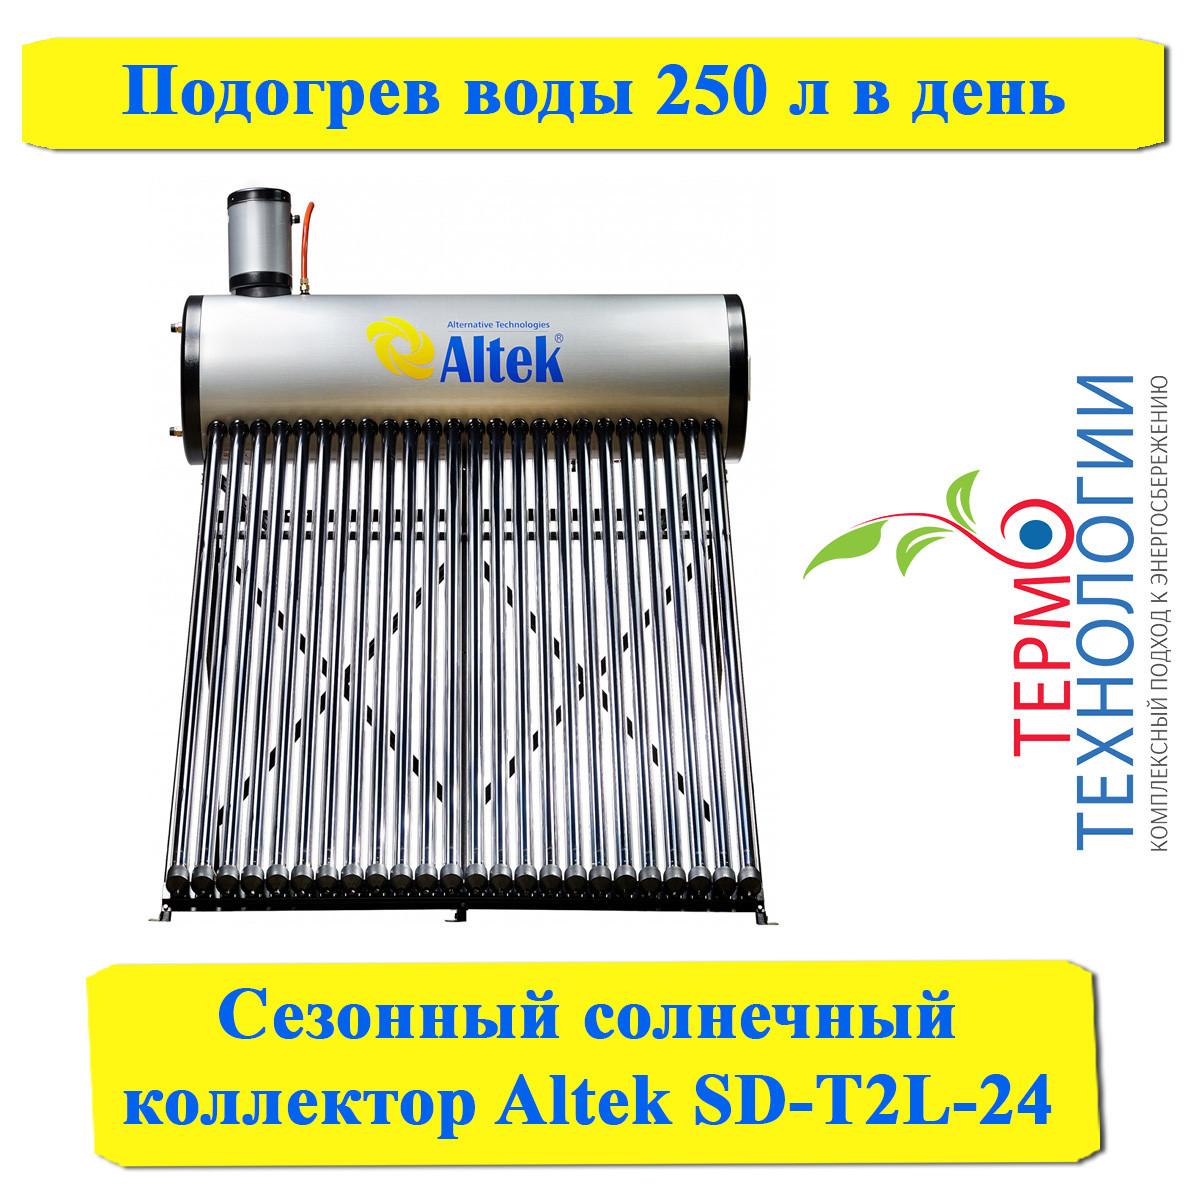 Солнечный коллектор Altek SD-T2L-24. Бак с нержавеющей стали